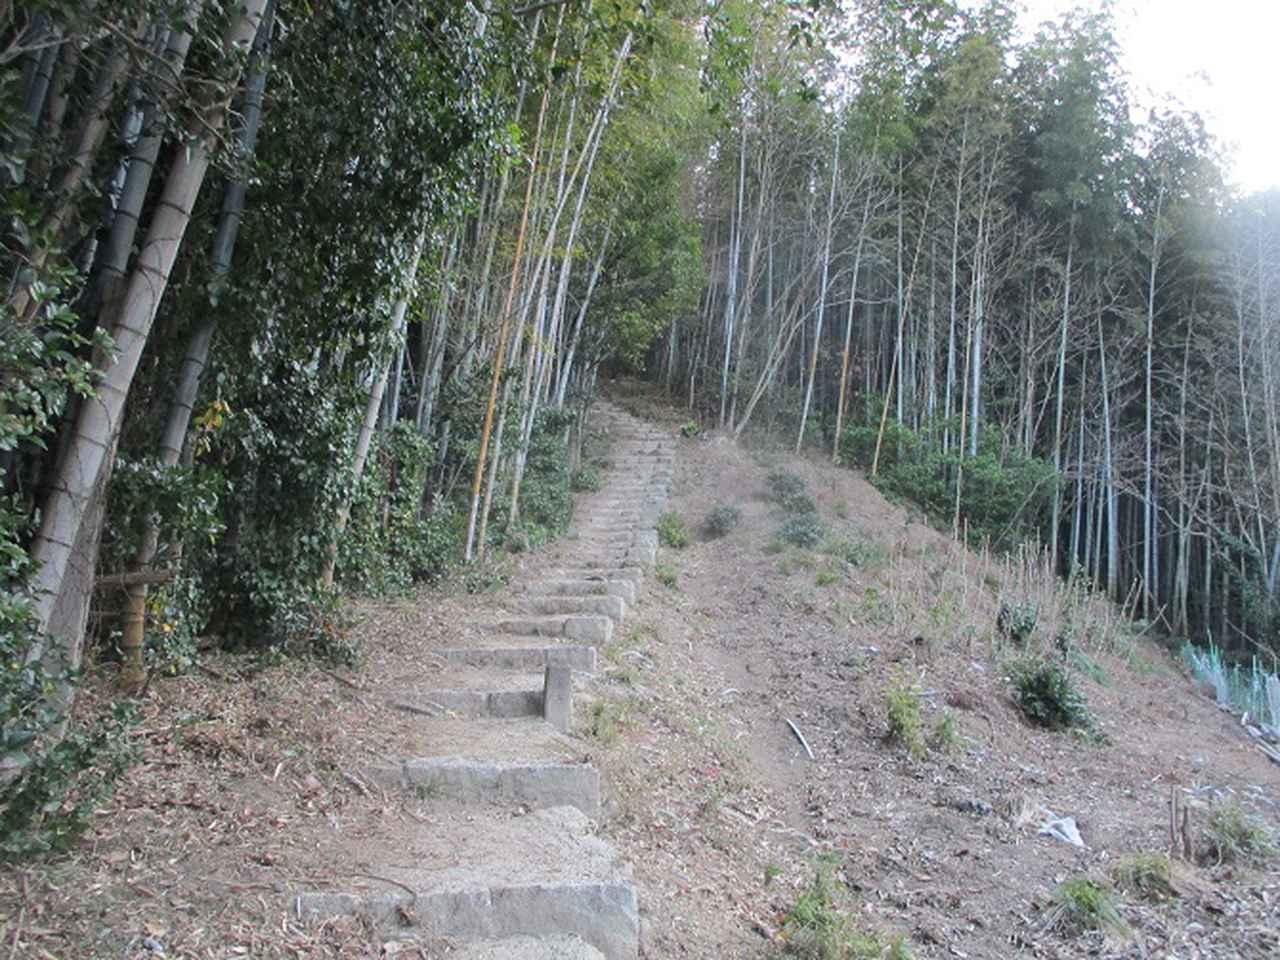 画像2: 来年の冬の企画素材を探して我が故郷・広島の山を歩いてみました!